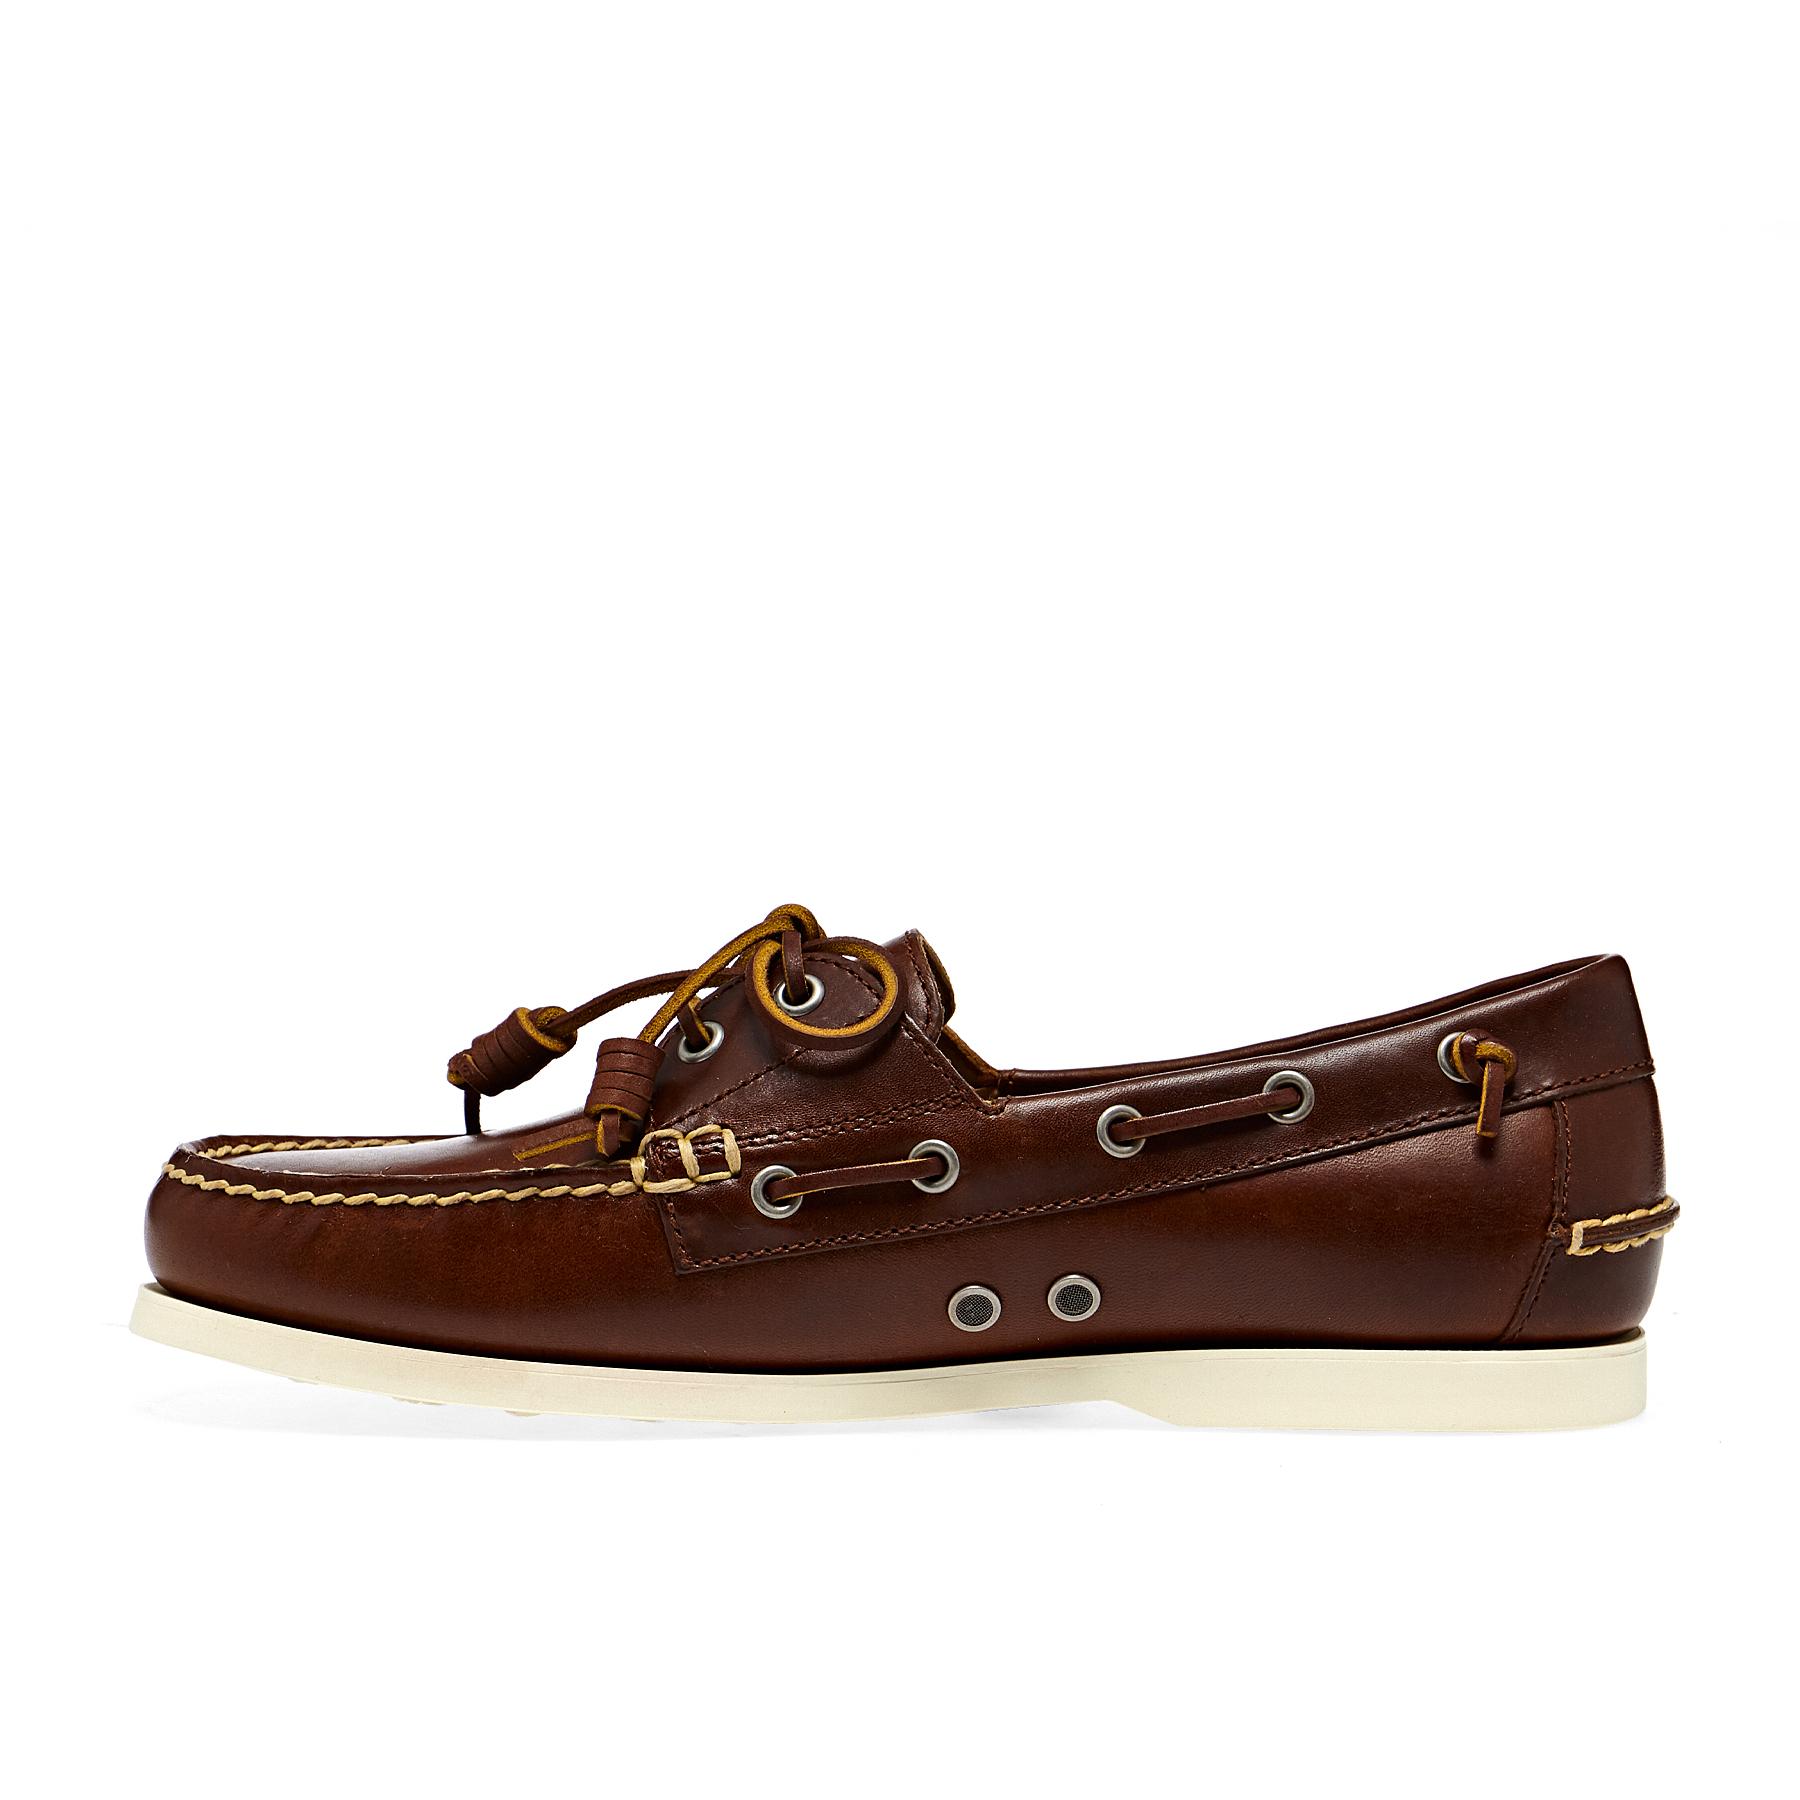 Polo Ralph Lauren Merton Shoes - Deep